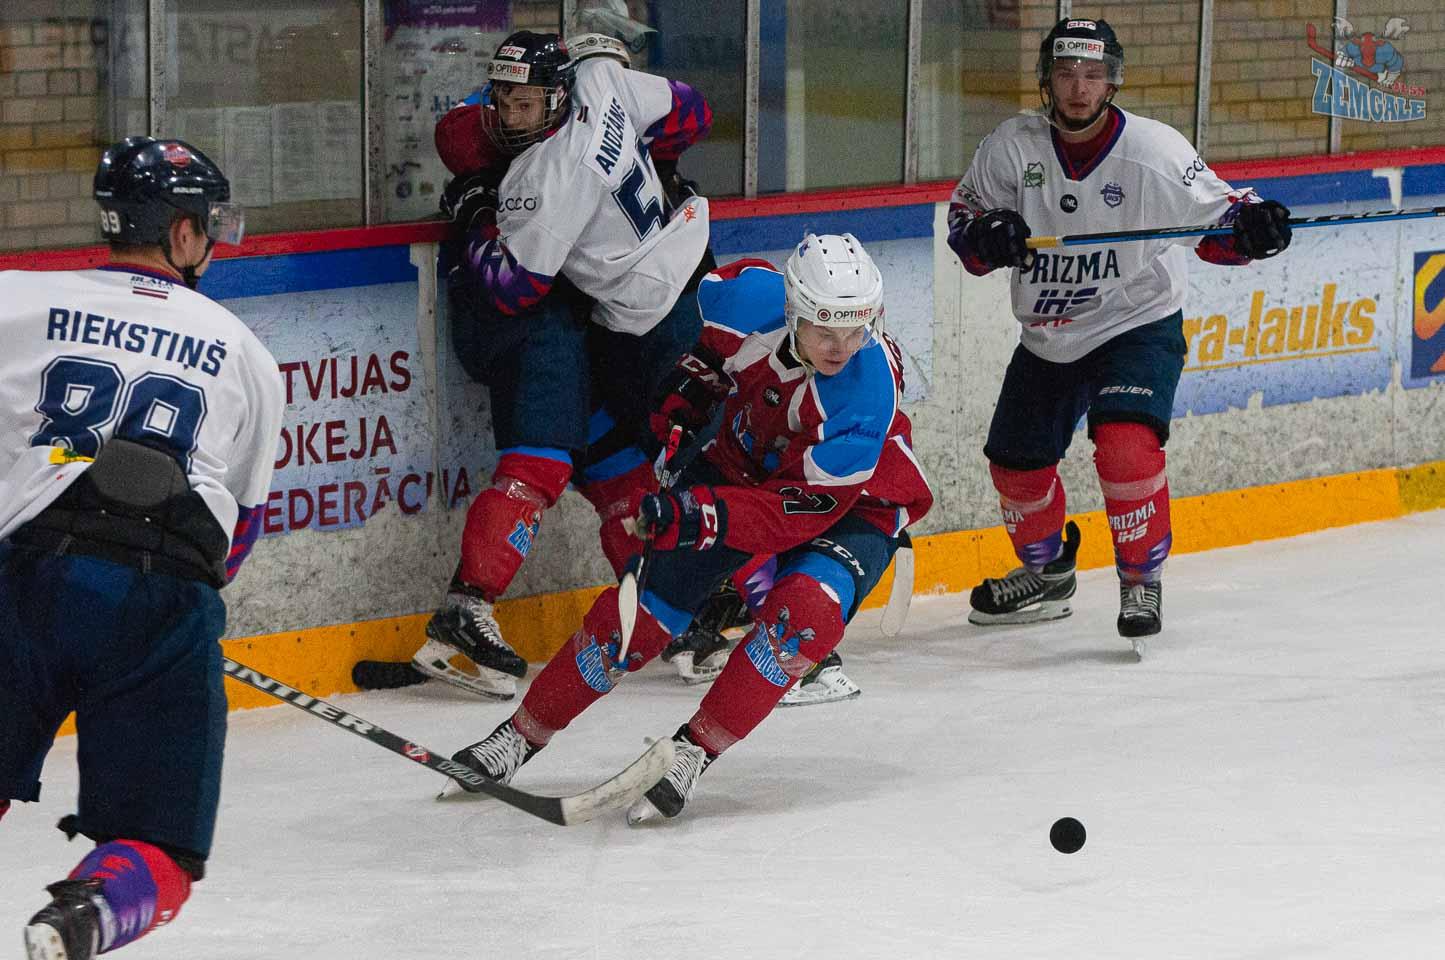 Hokejists veic virāžu, lai pārņemtu ripas kontroli starp vairākiem pretiniekiem